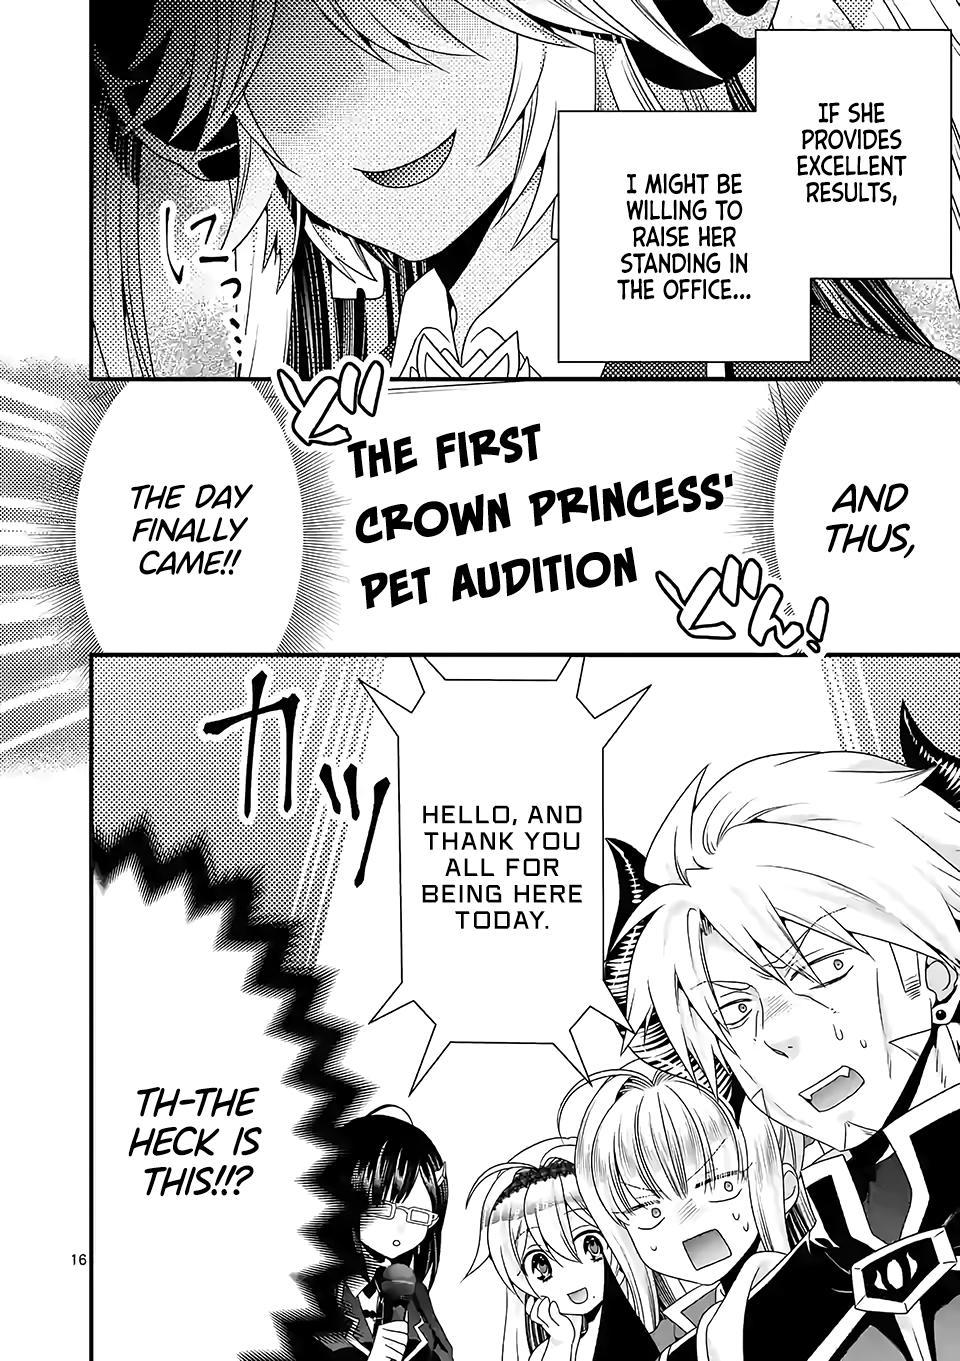 Maou Desu. Onna Yuusha No Hahaoya To Saikon Shita No De, Onna Yuusha Ga Giri No Musume Ni Narimashita. Chapter 34 page 17 - Mangakakalots.com